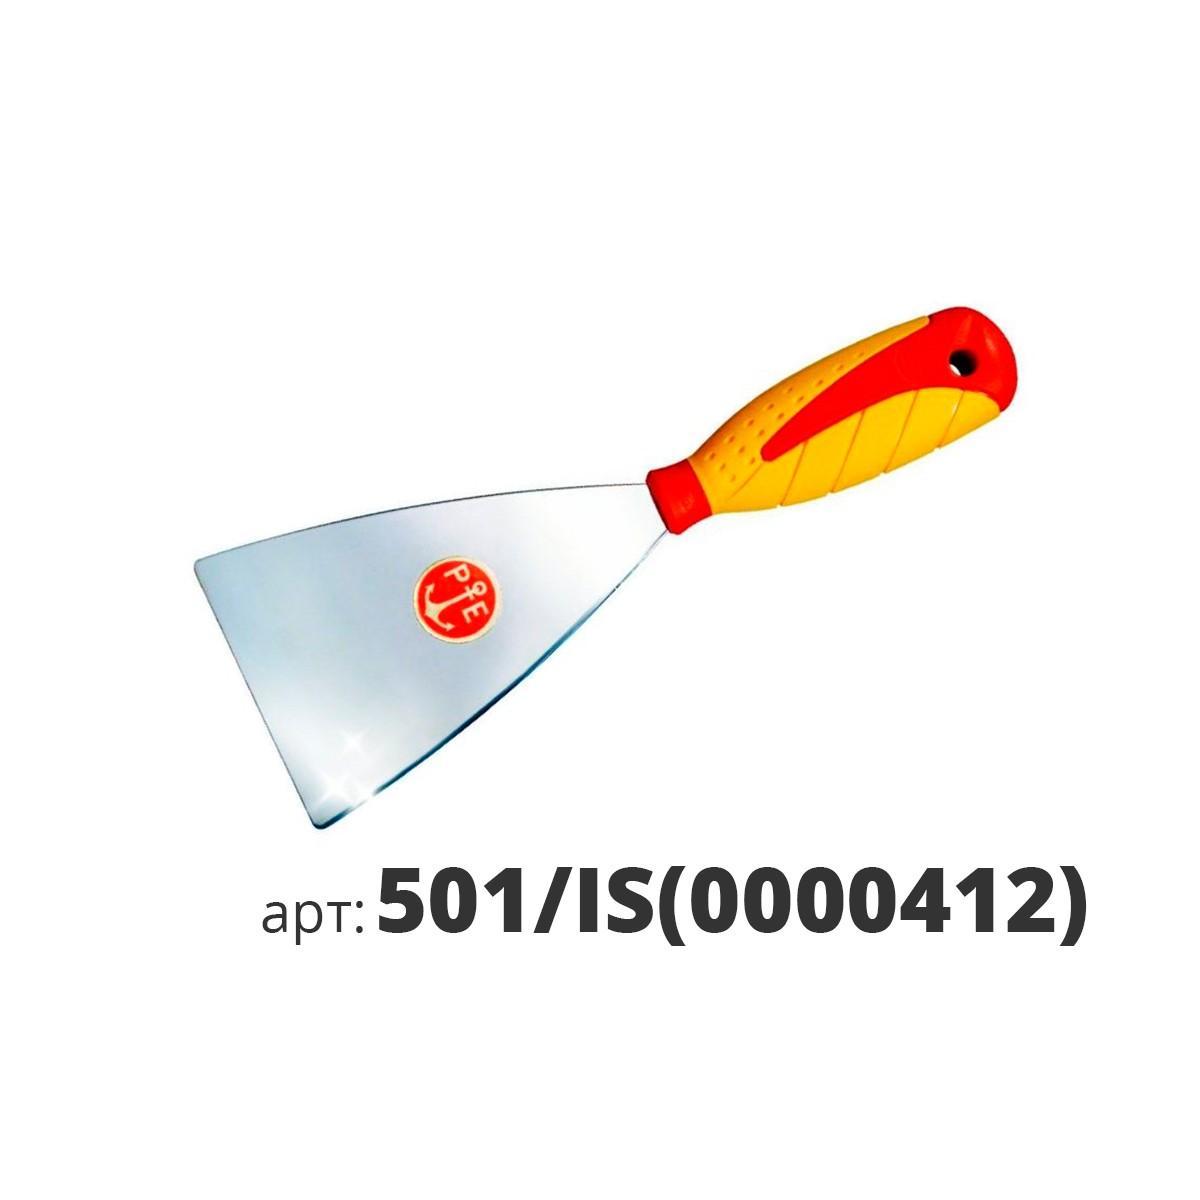 PAVAN шпатель венецианский из нержавеющей стали 501/IS(0000412)